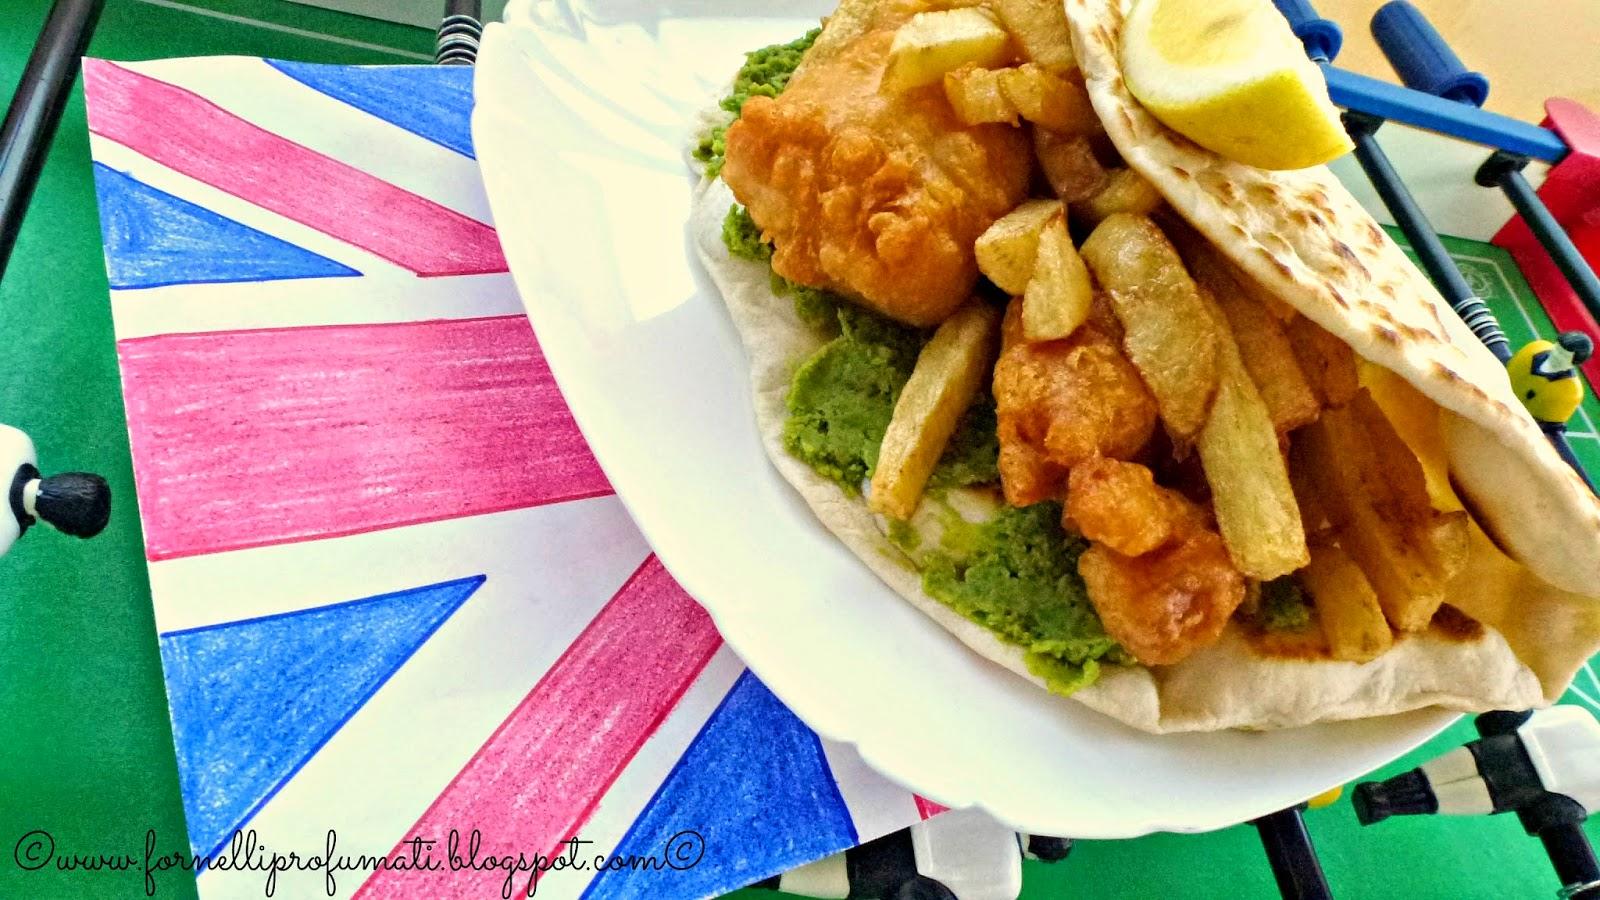 jubilee fish&chips flatbread per i piadamundial del mtc!